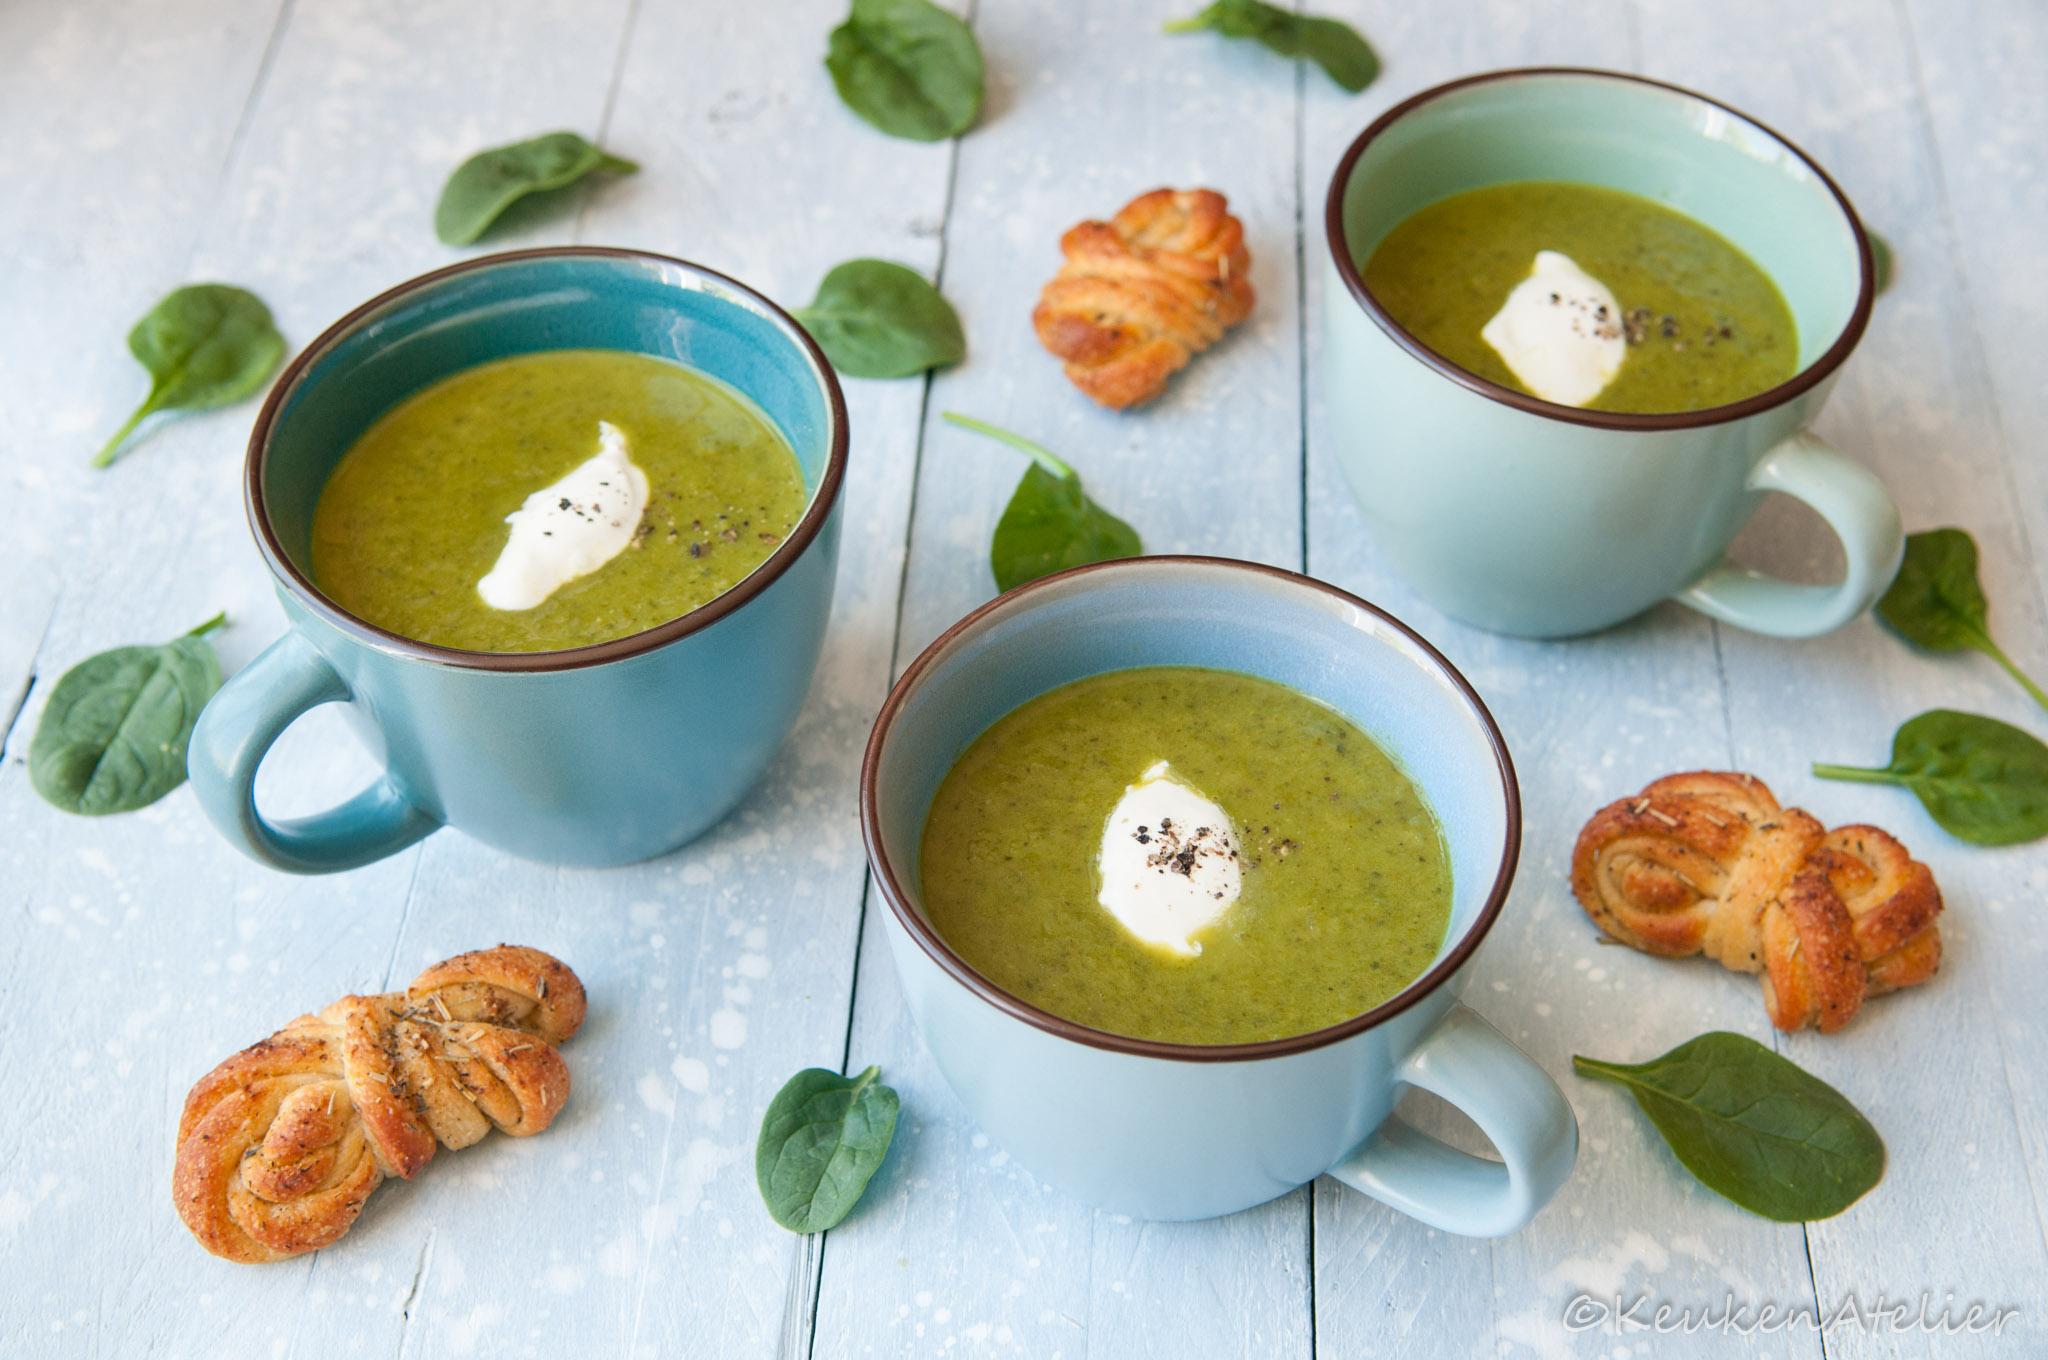 Courgette soep met spinazie en groene appel | KeukenAtelier.com